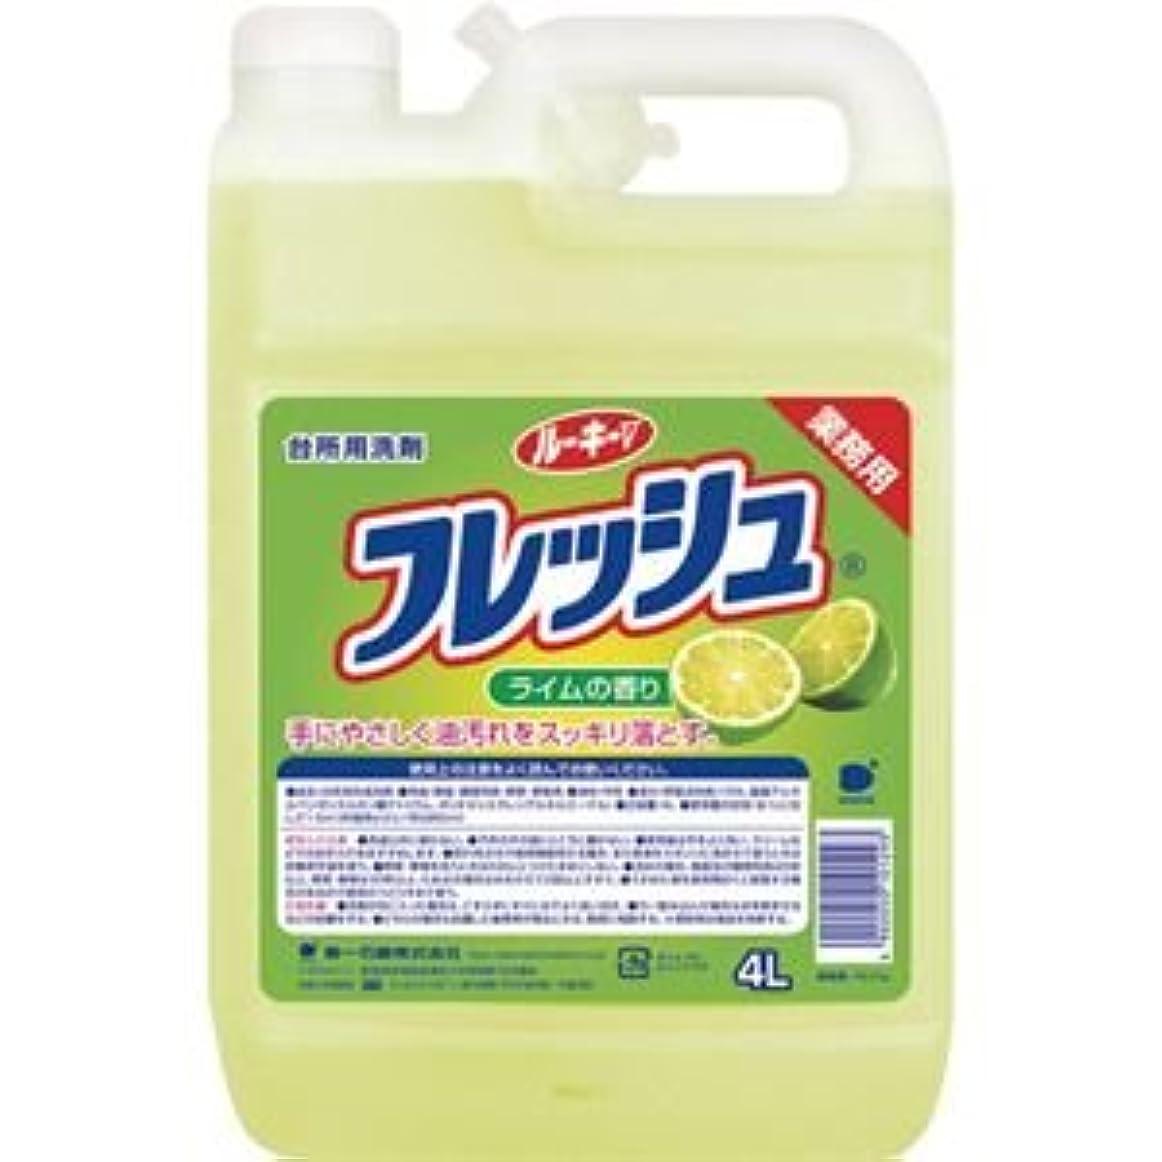 イソギンチャク個性立方体(まとめ) 第一石鹸 ルーキーVフレッシュ 業務用 4L 1本 【×5セット】